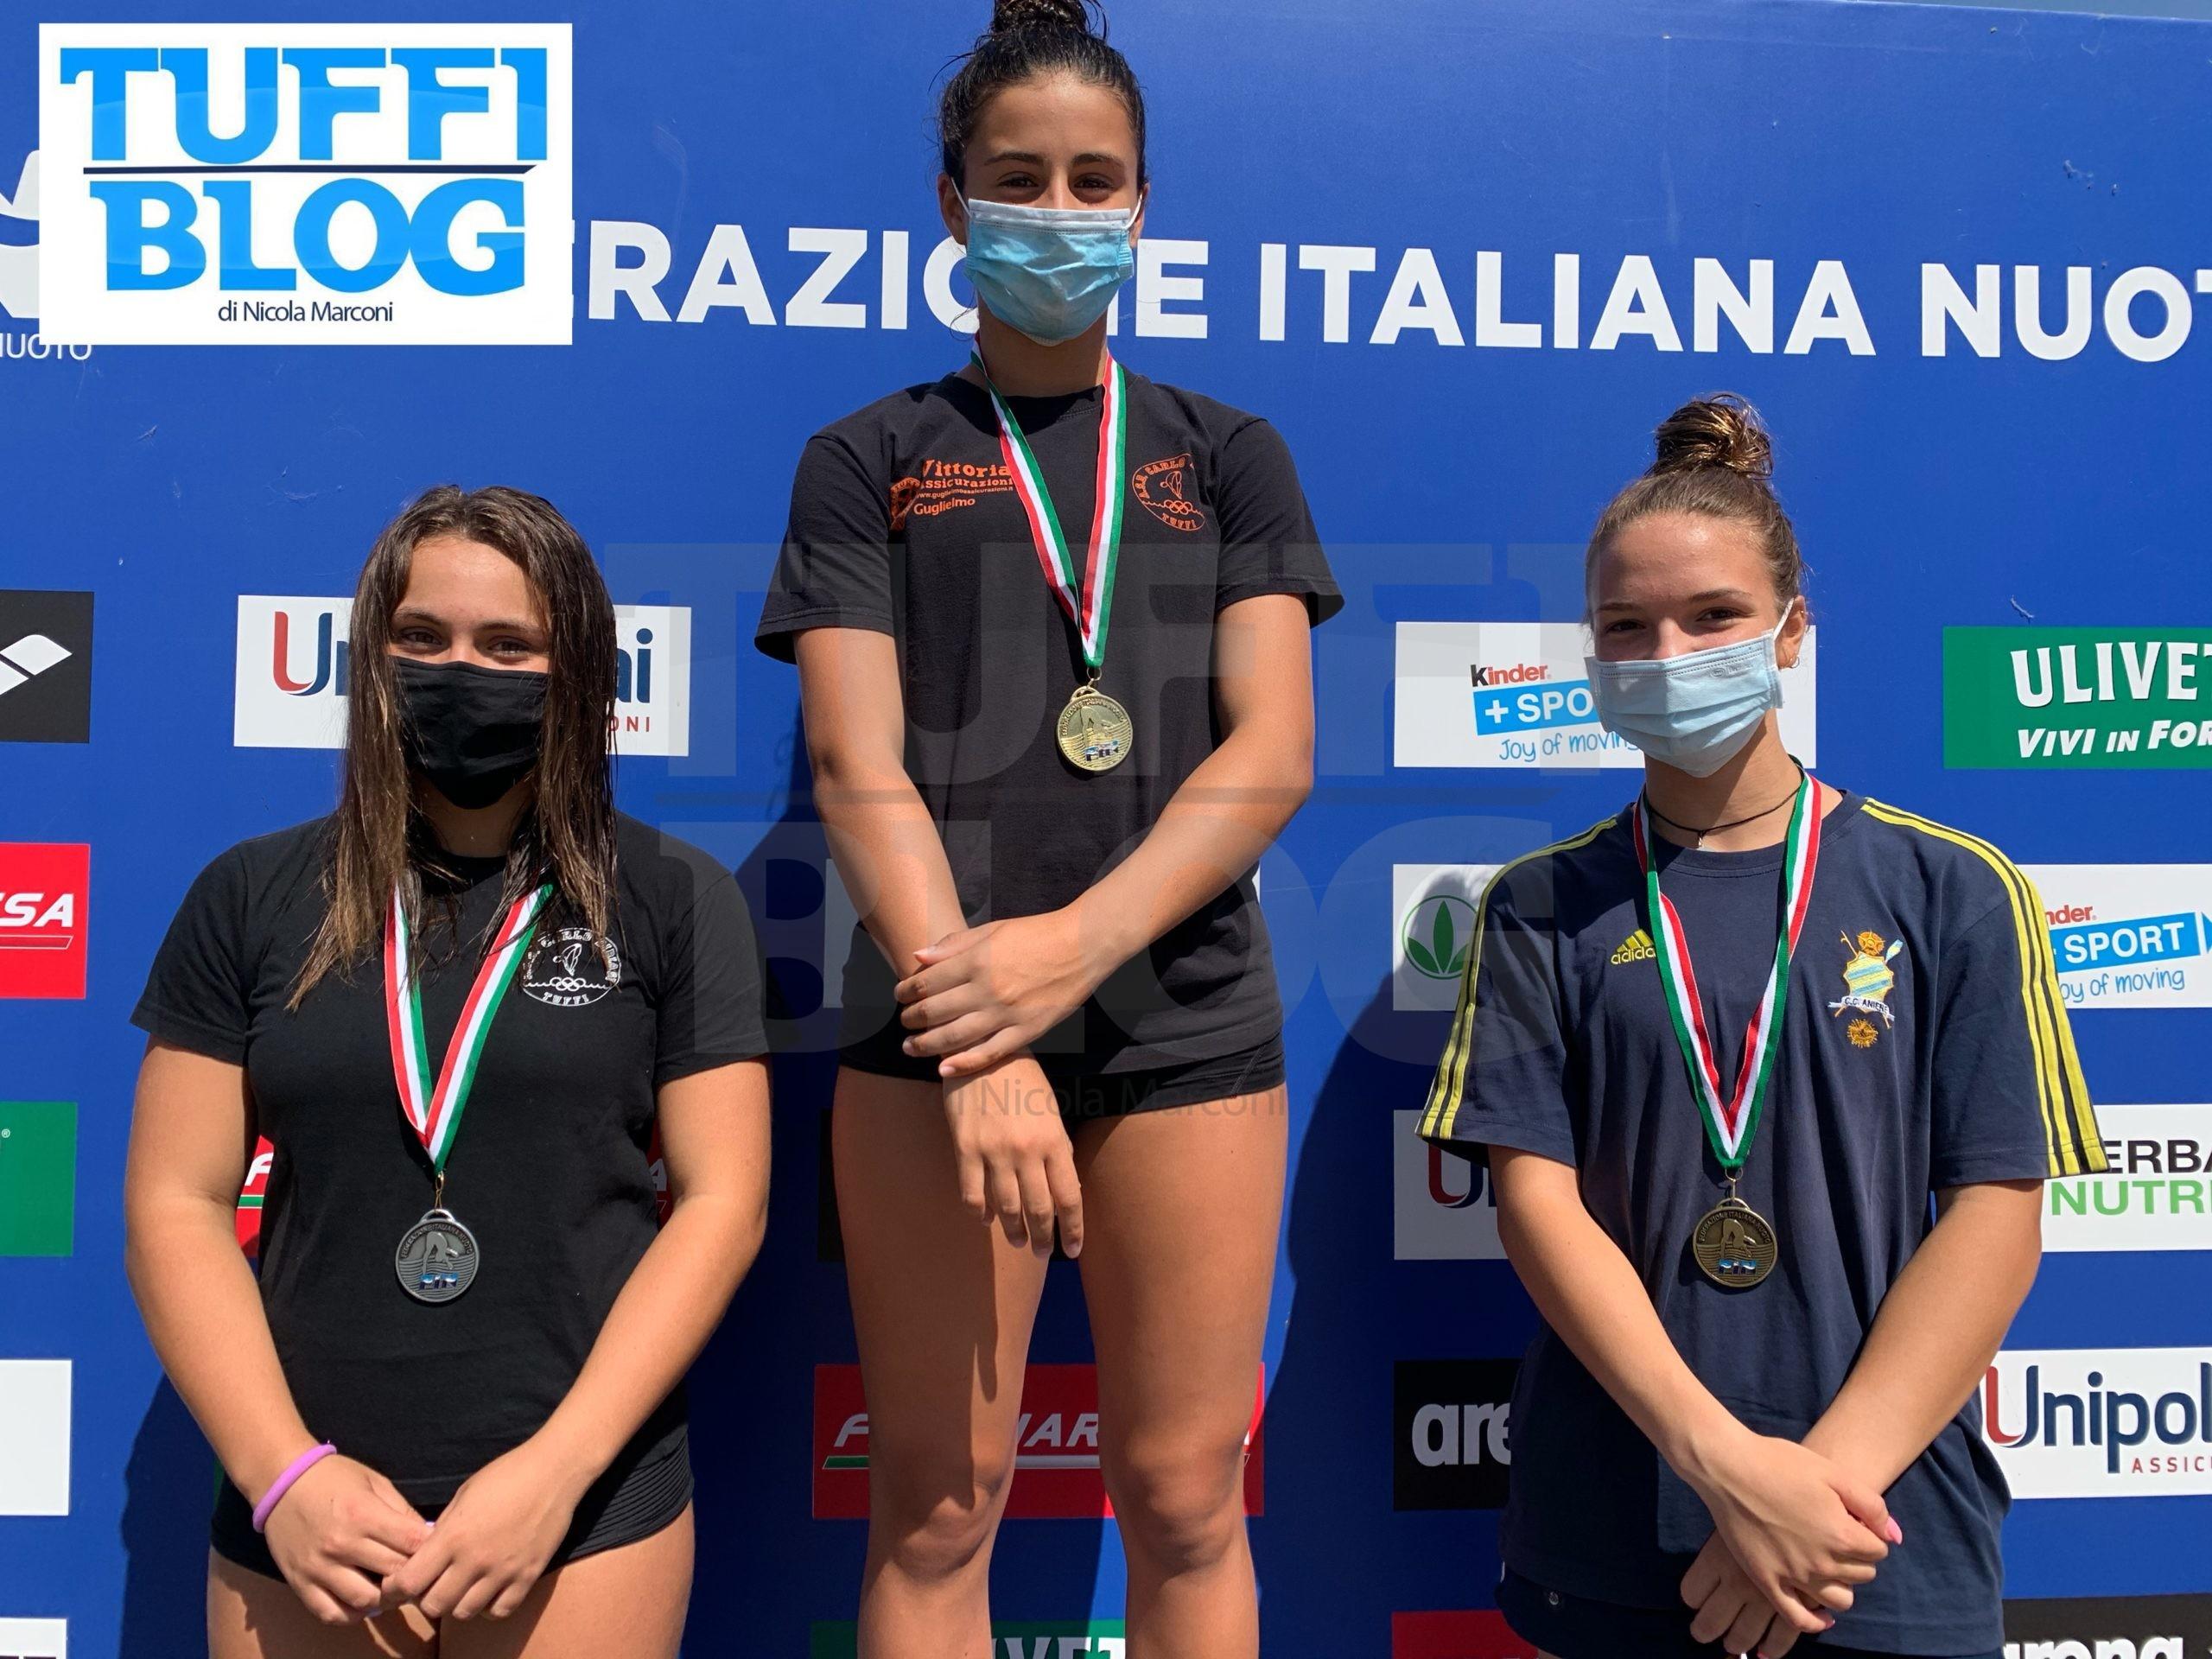 Categoria Estivi 2020: Roma - i risultati di giovedì mattina.